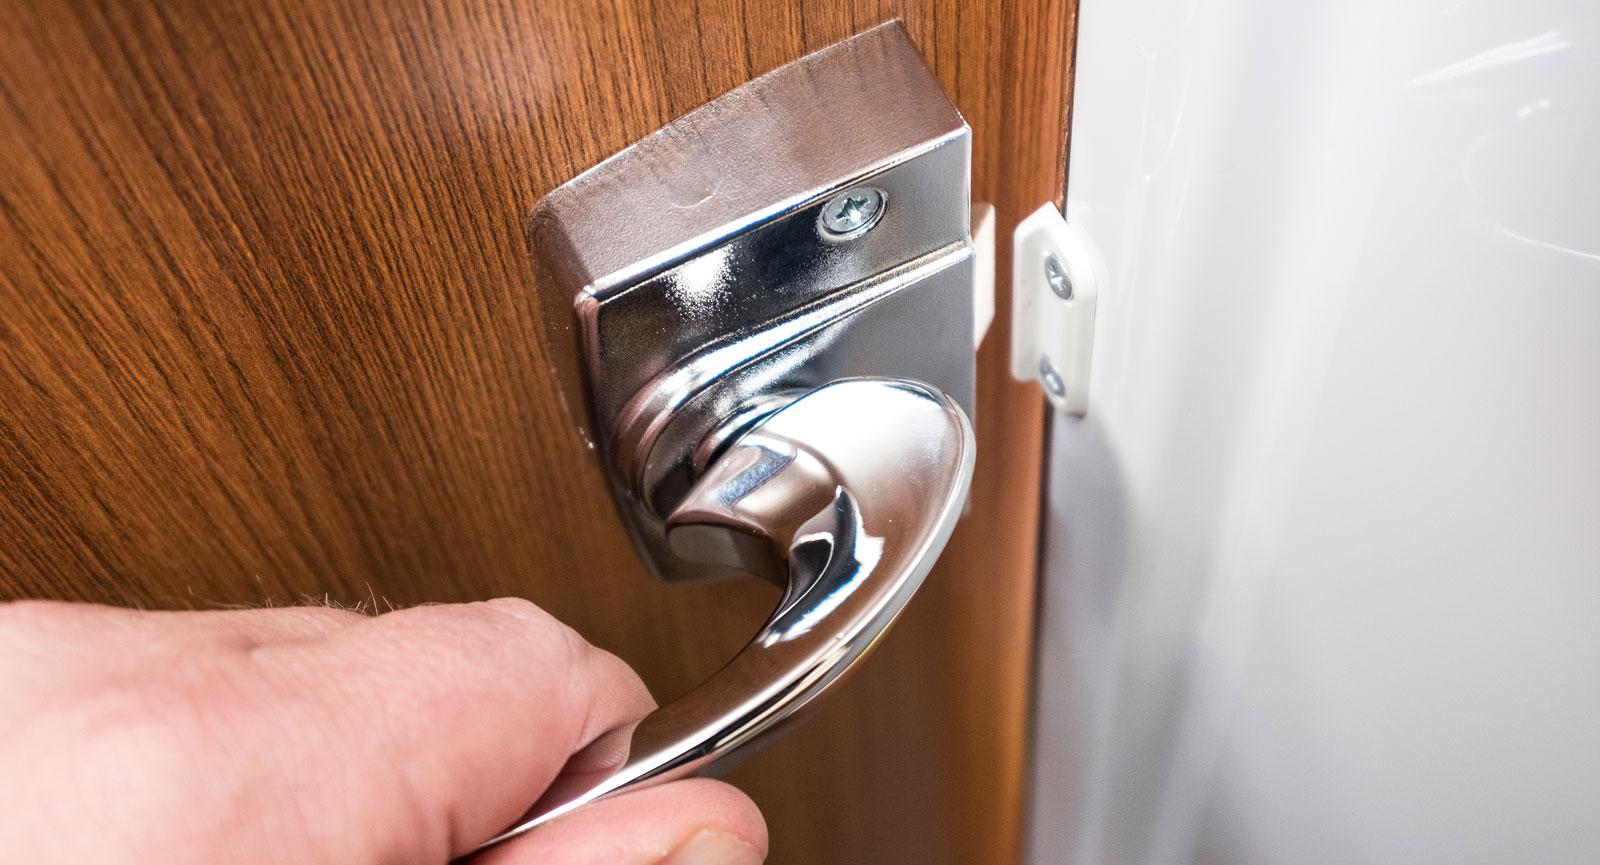 Riktig dörr med handtag in till toa är uppskattat av många,